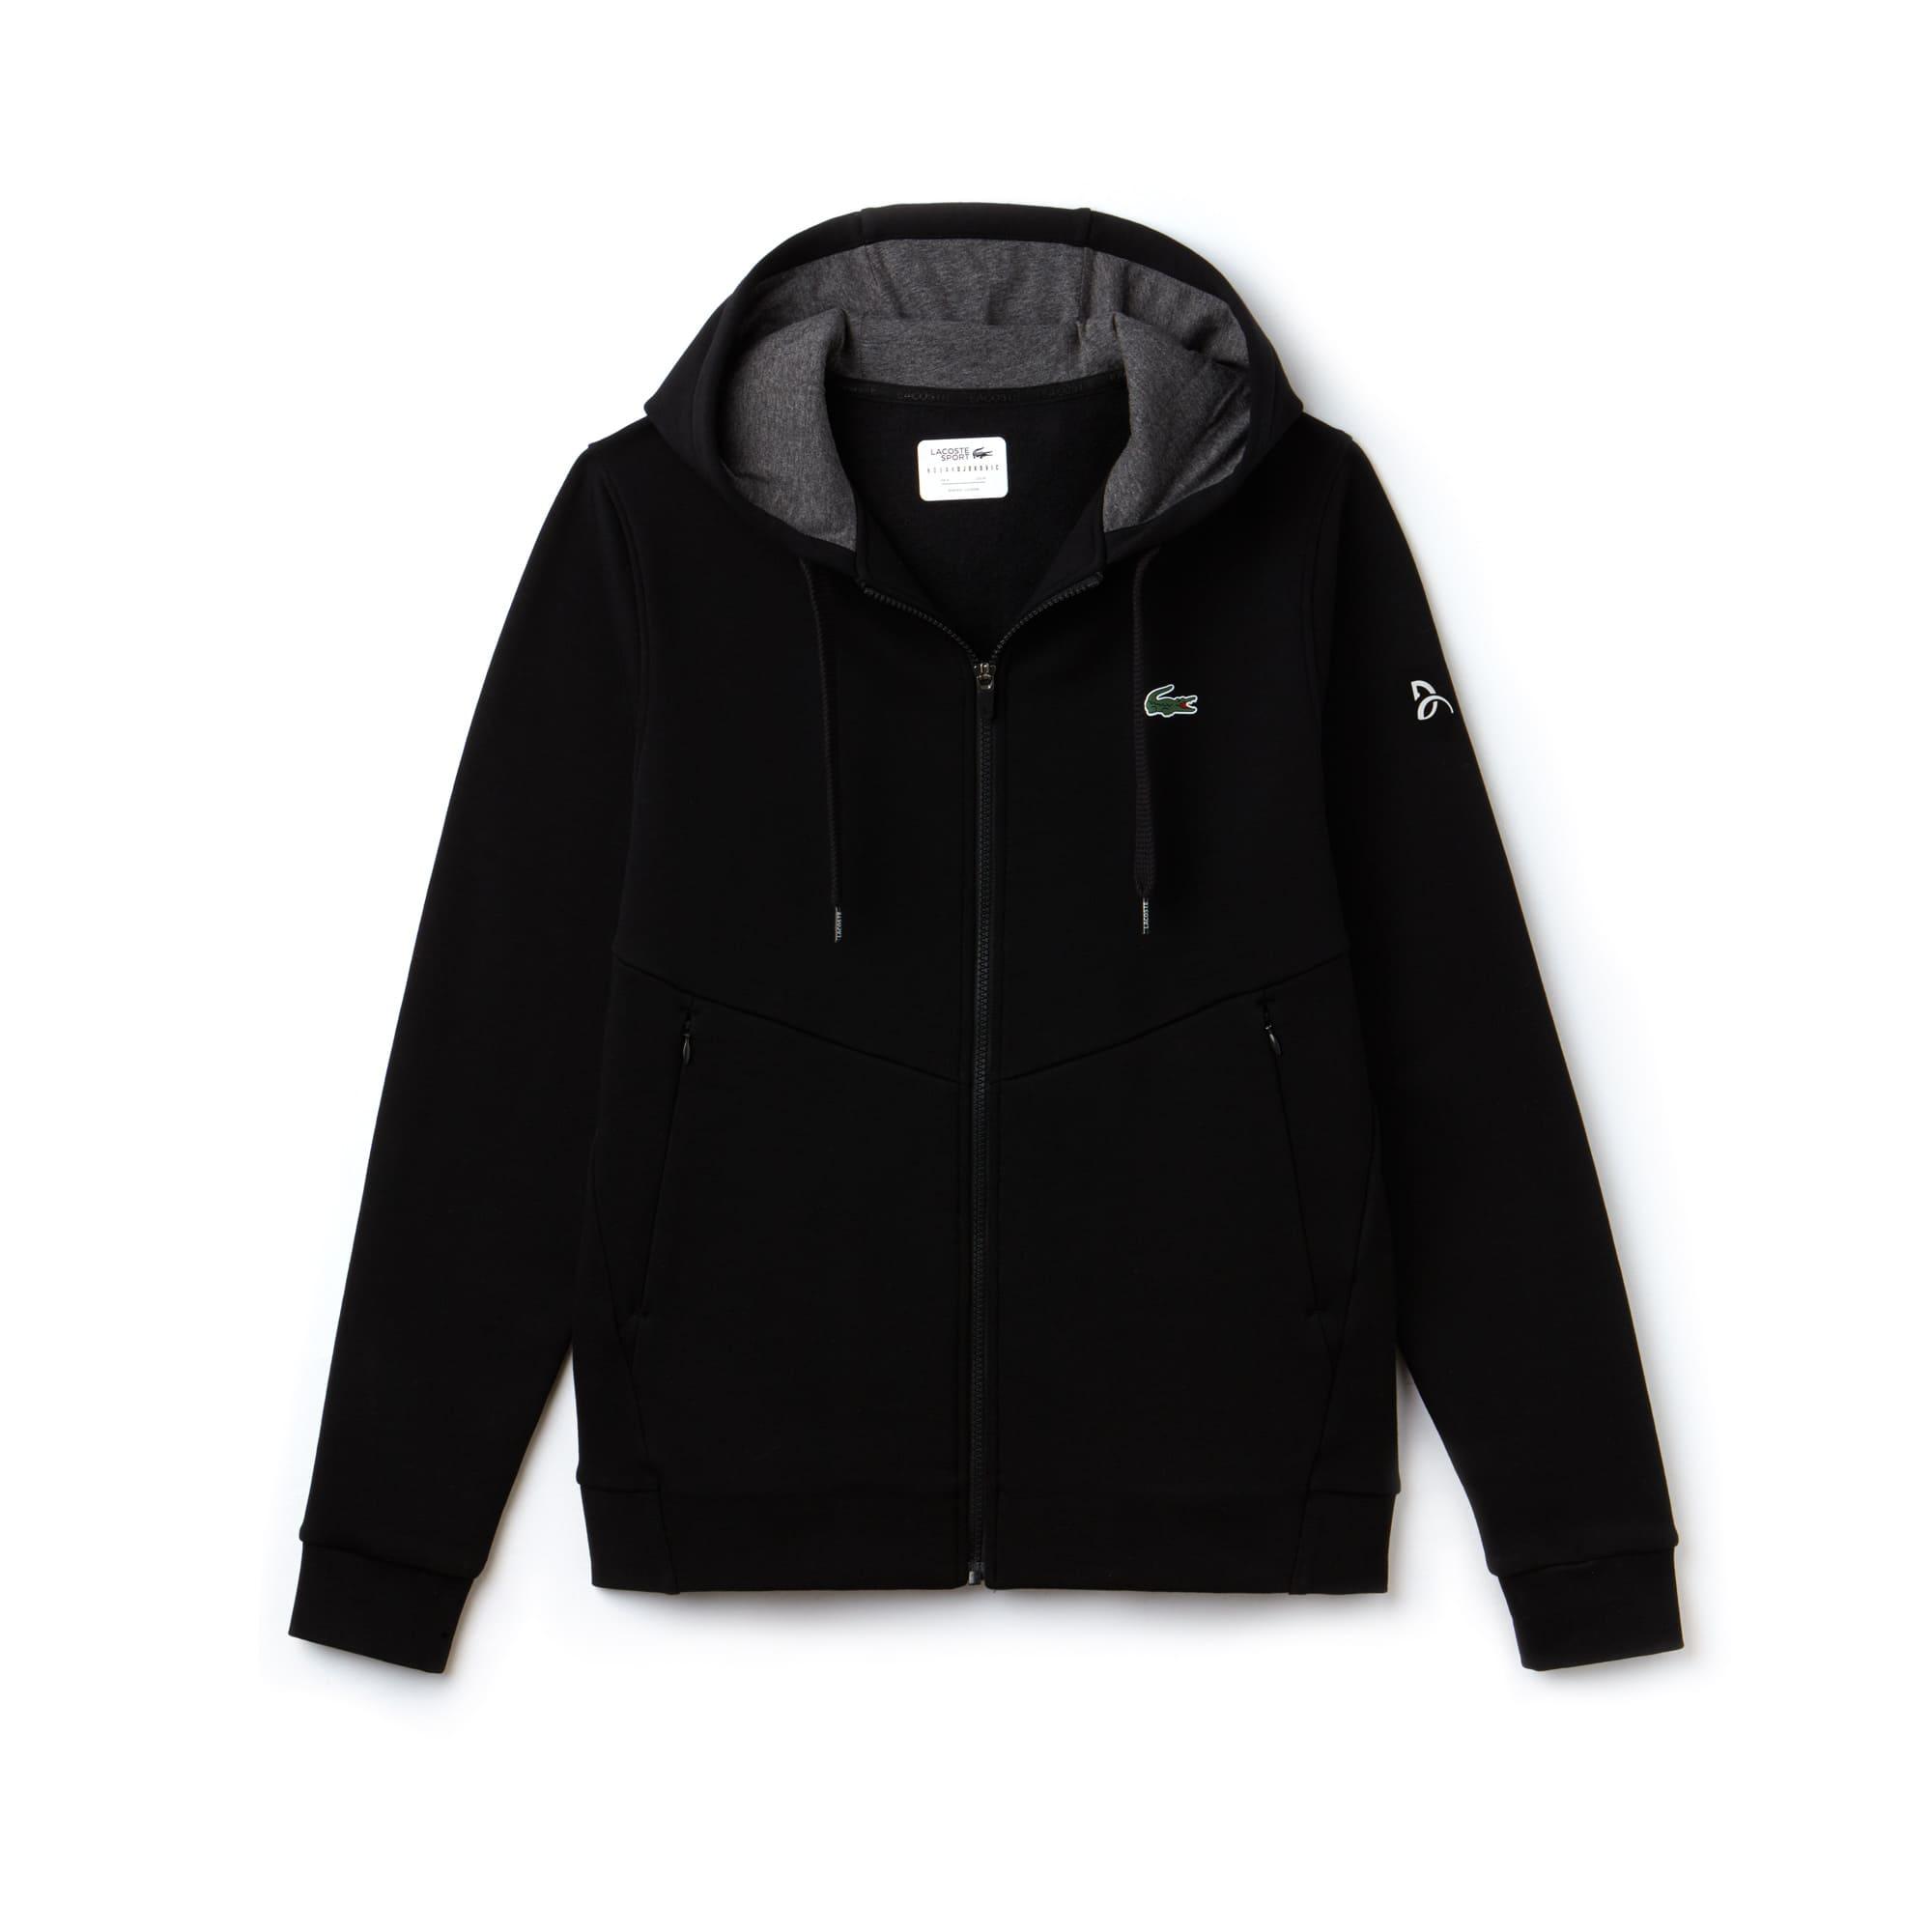 Men's Lacoste SPORT NOVAK DJOKOVIC-OFF COURT COLLECTION Technical Fleece Hooded Zip Sweatshirt